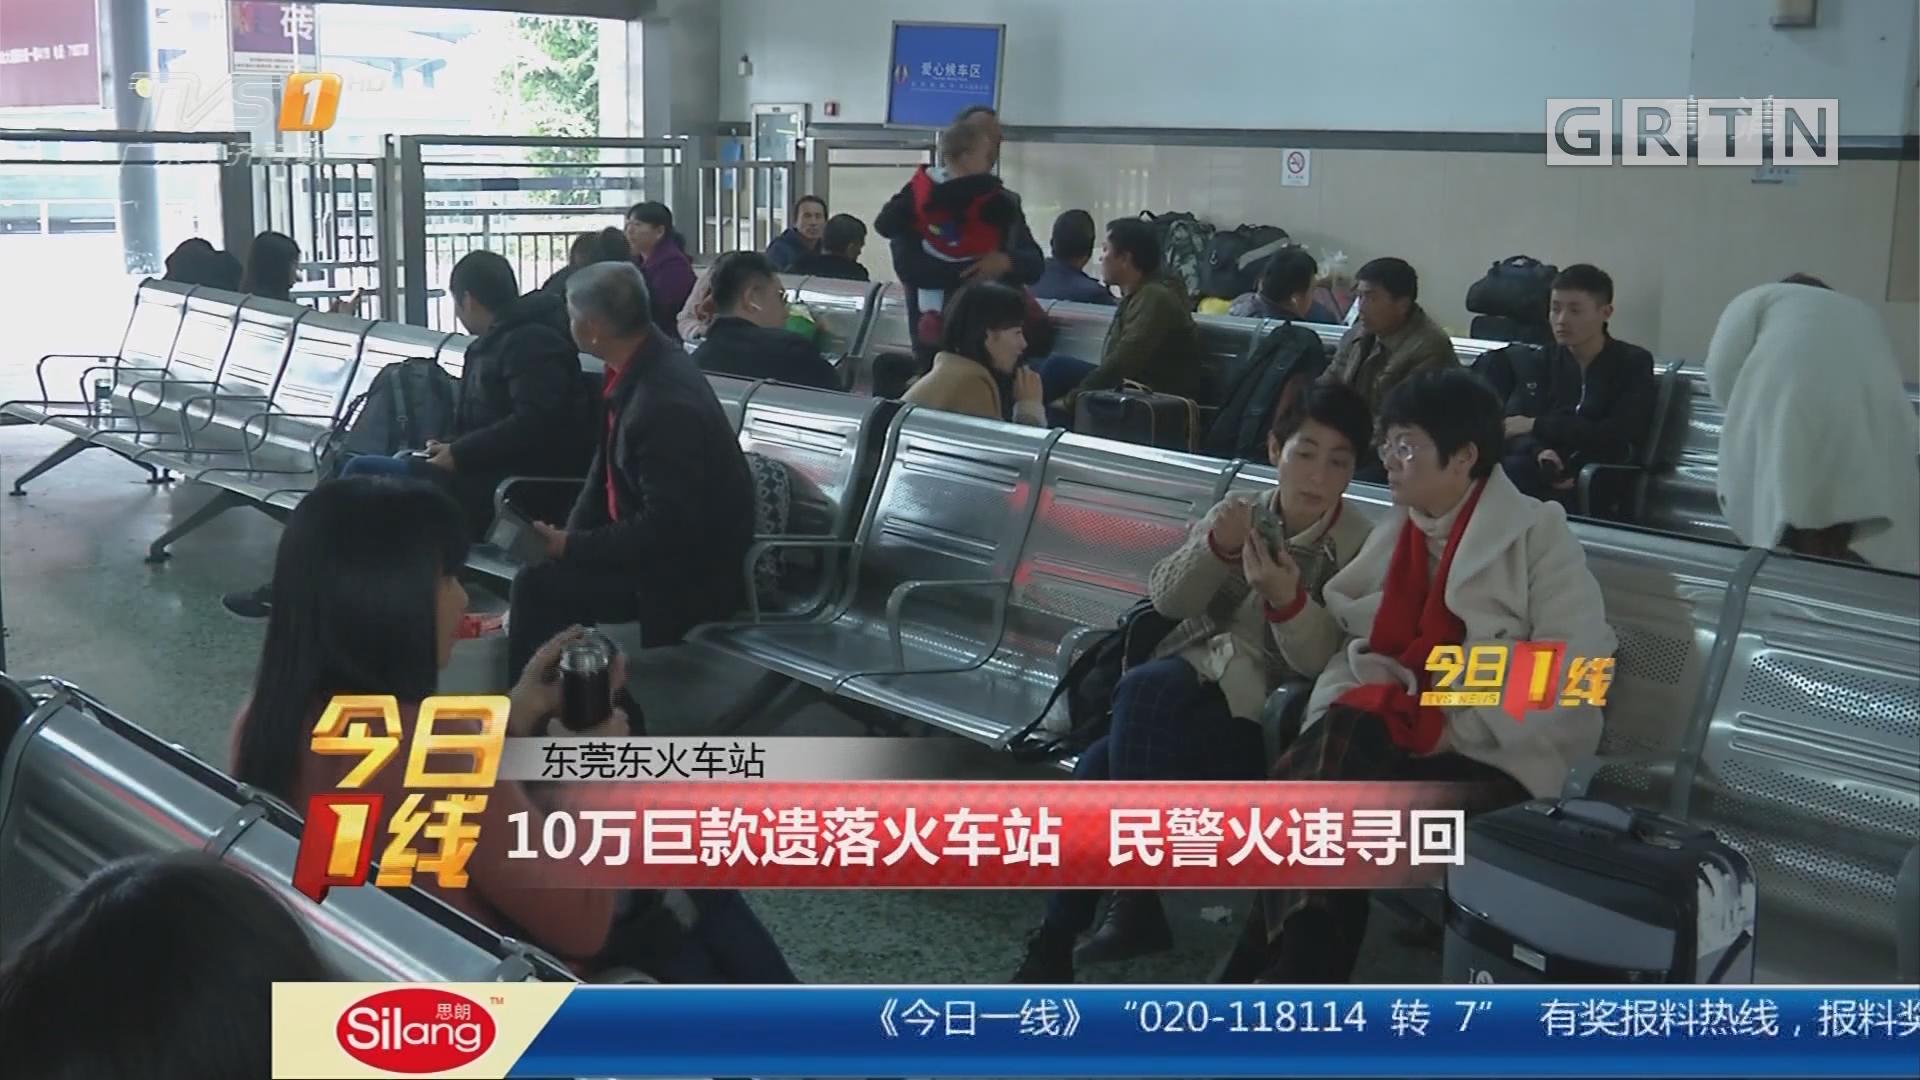 东莞东火车站:10万巨款遗落火车站 民警火速寻回